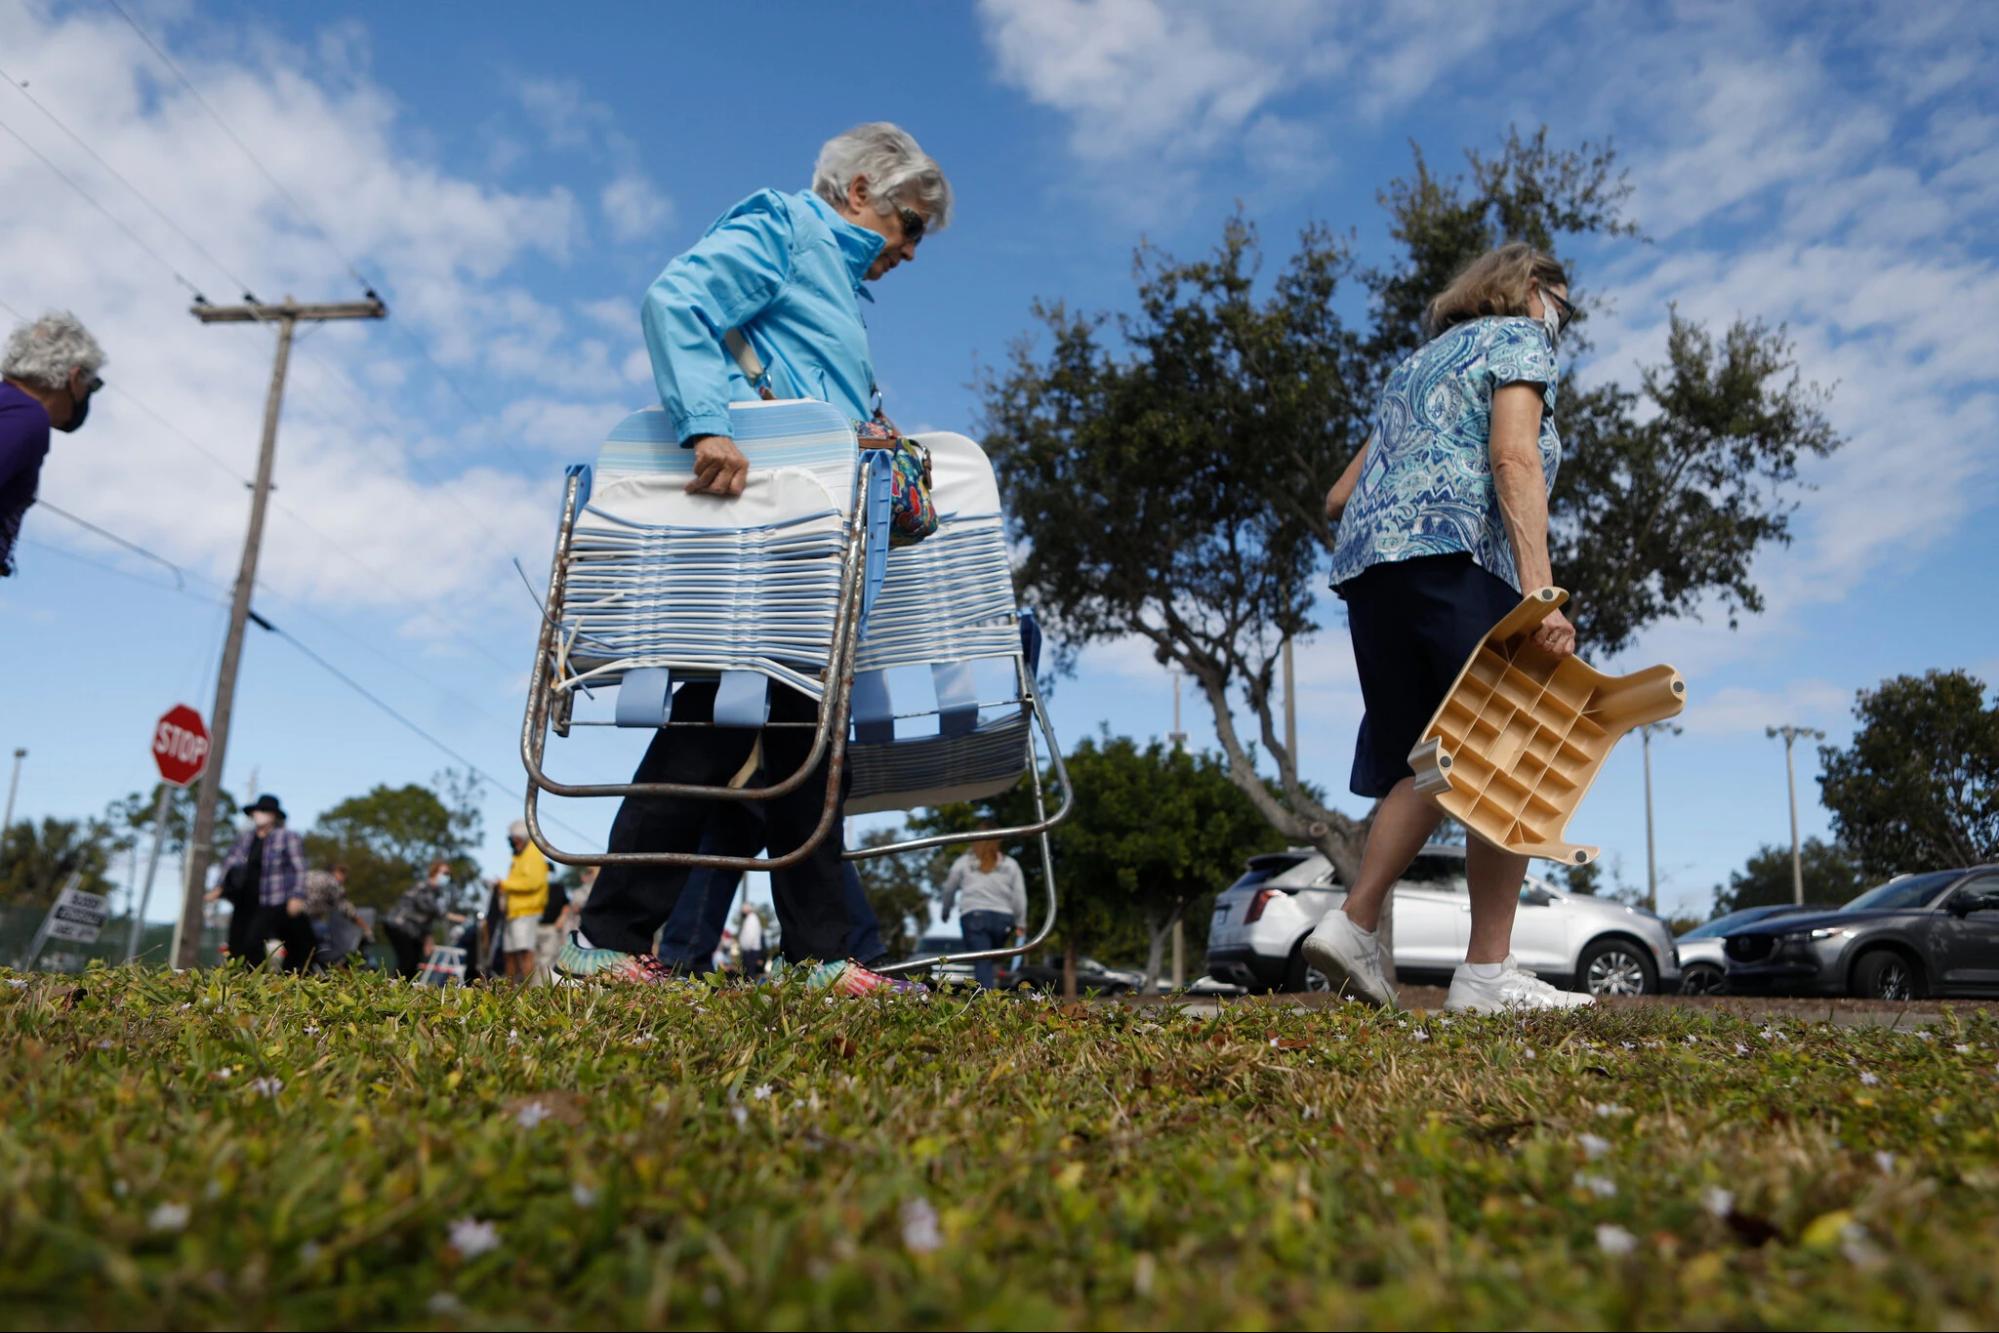 Người dân chuẩn bị kỹ lưỡng cho thời gian chờ đợi lâu khi xếp hàng để nhận vắc-xin Covid-19 tại Khu phức hợp Fort Myers Stars ở Florida (Nguồn: NYTimes)